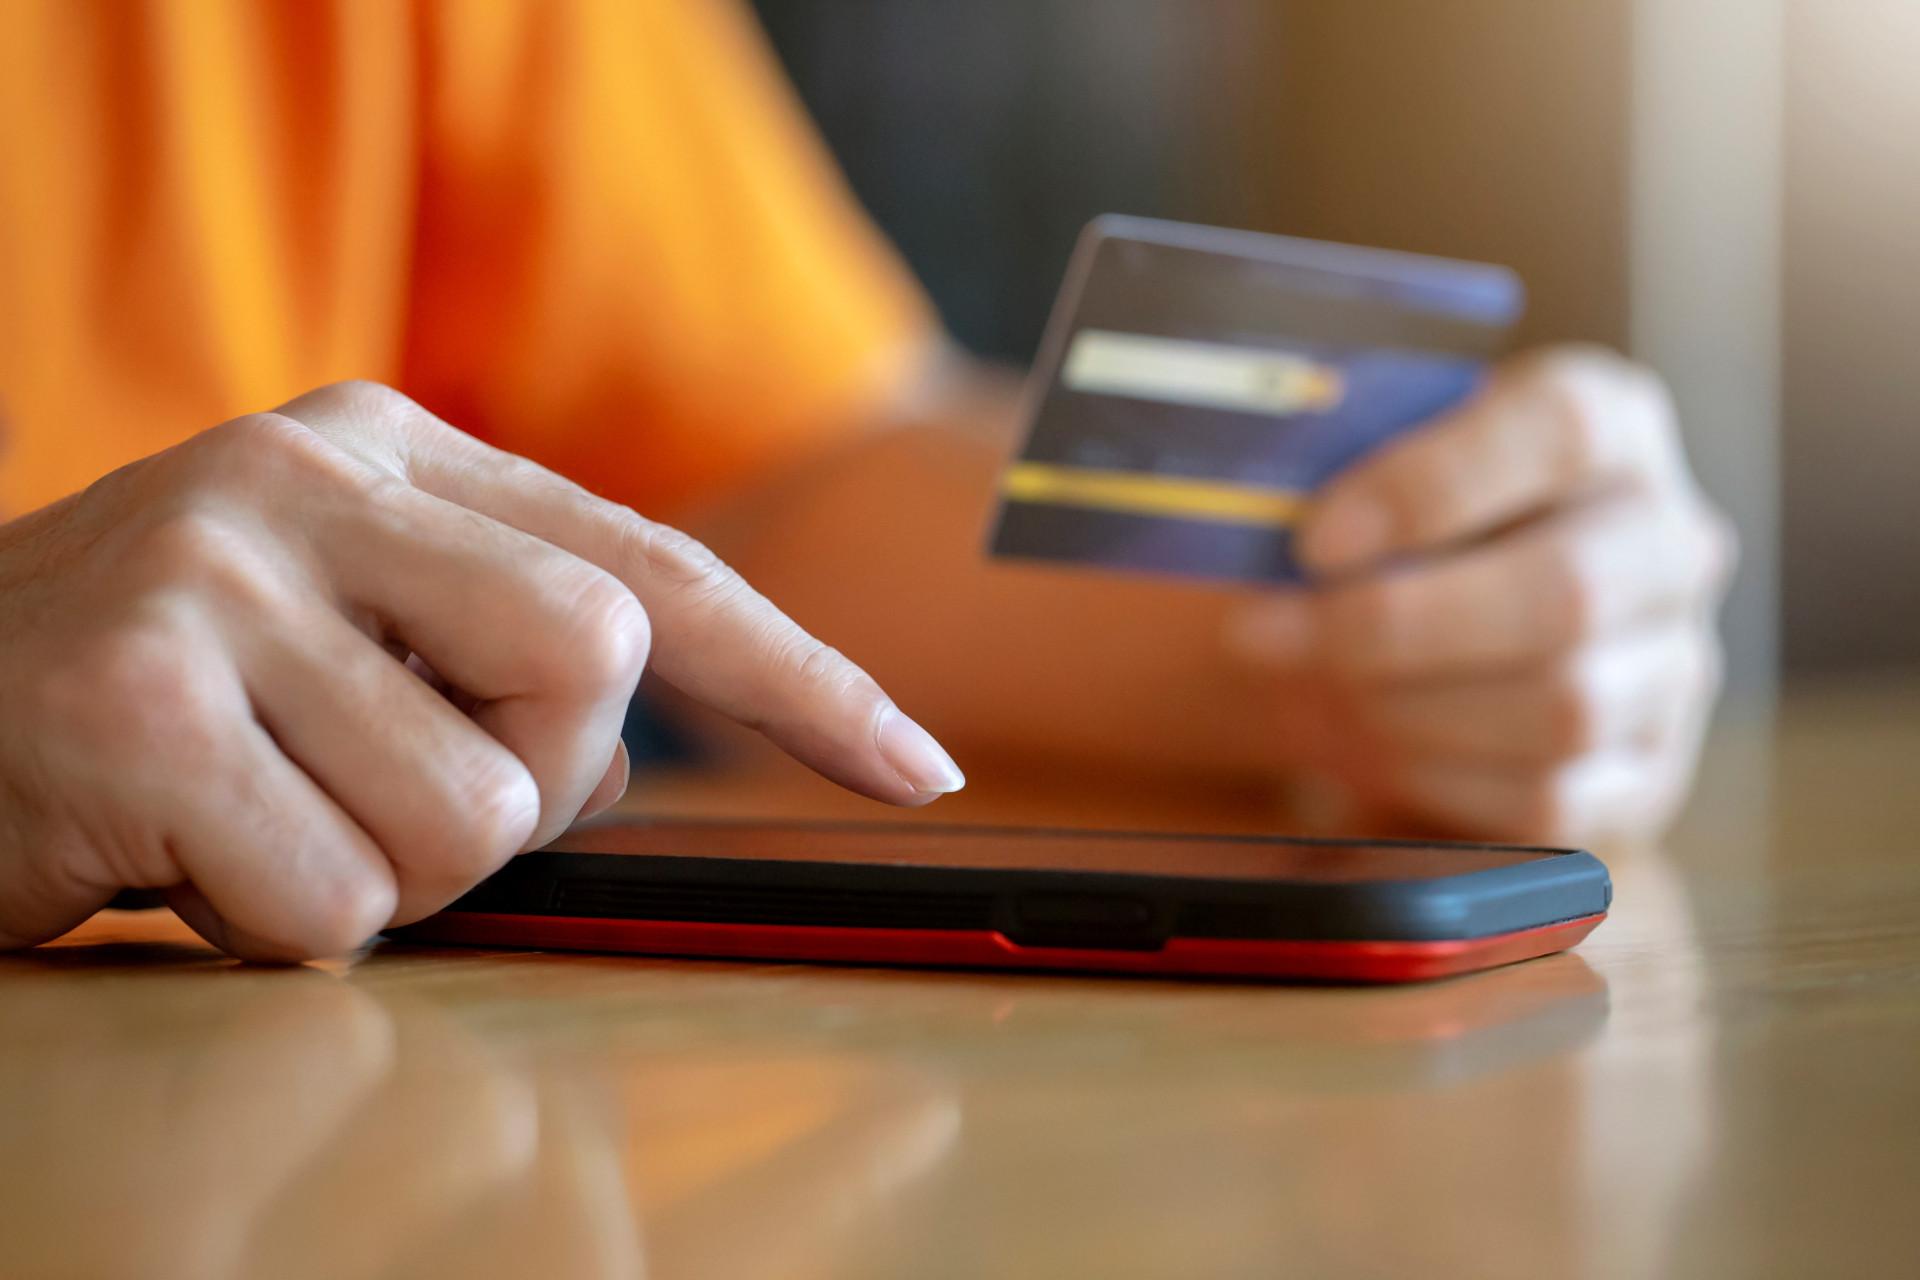 Paiement voyant carte bancaire